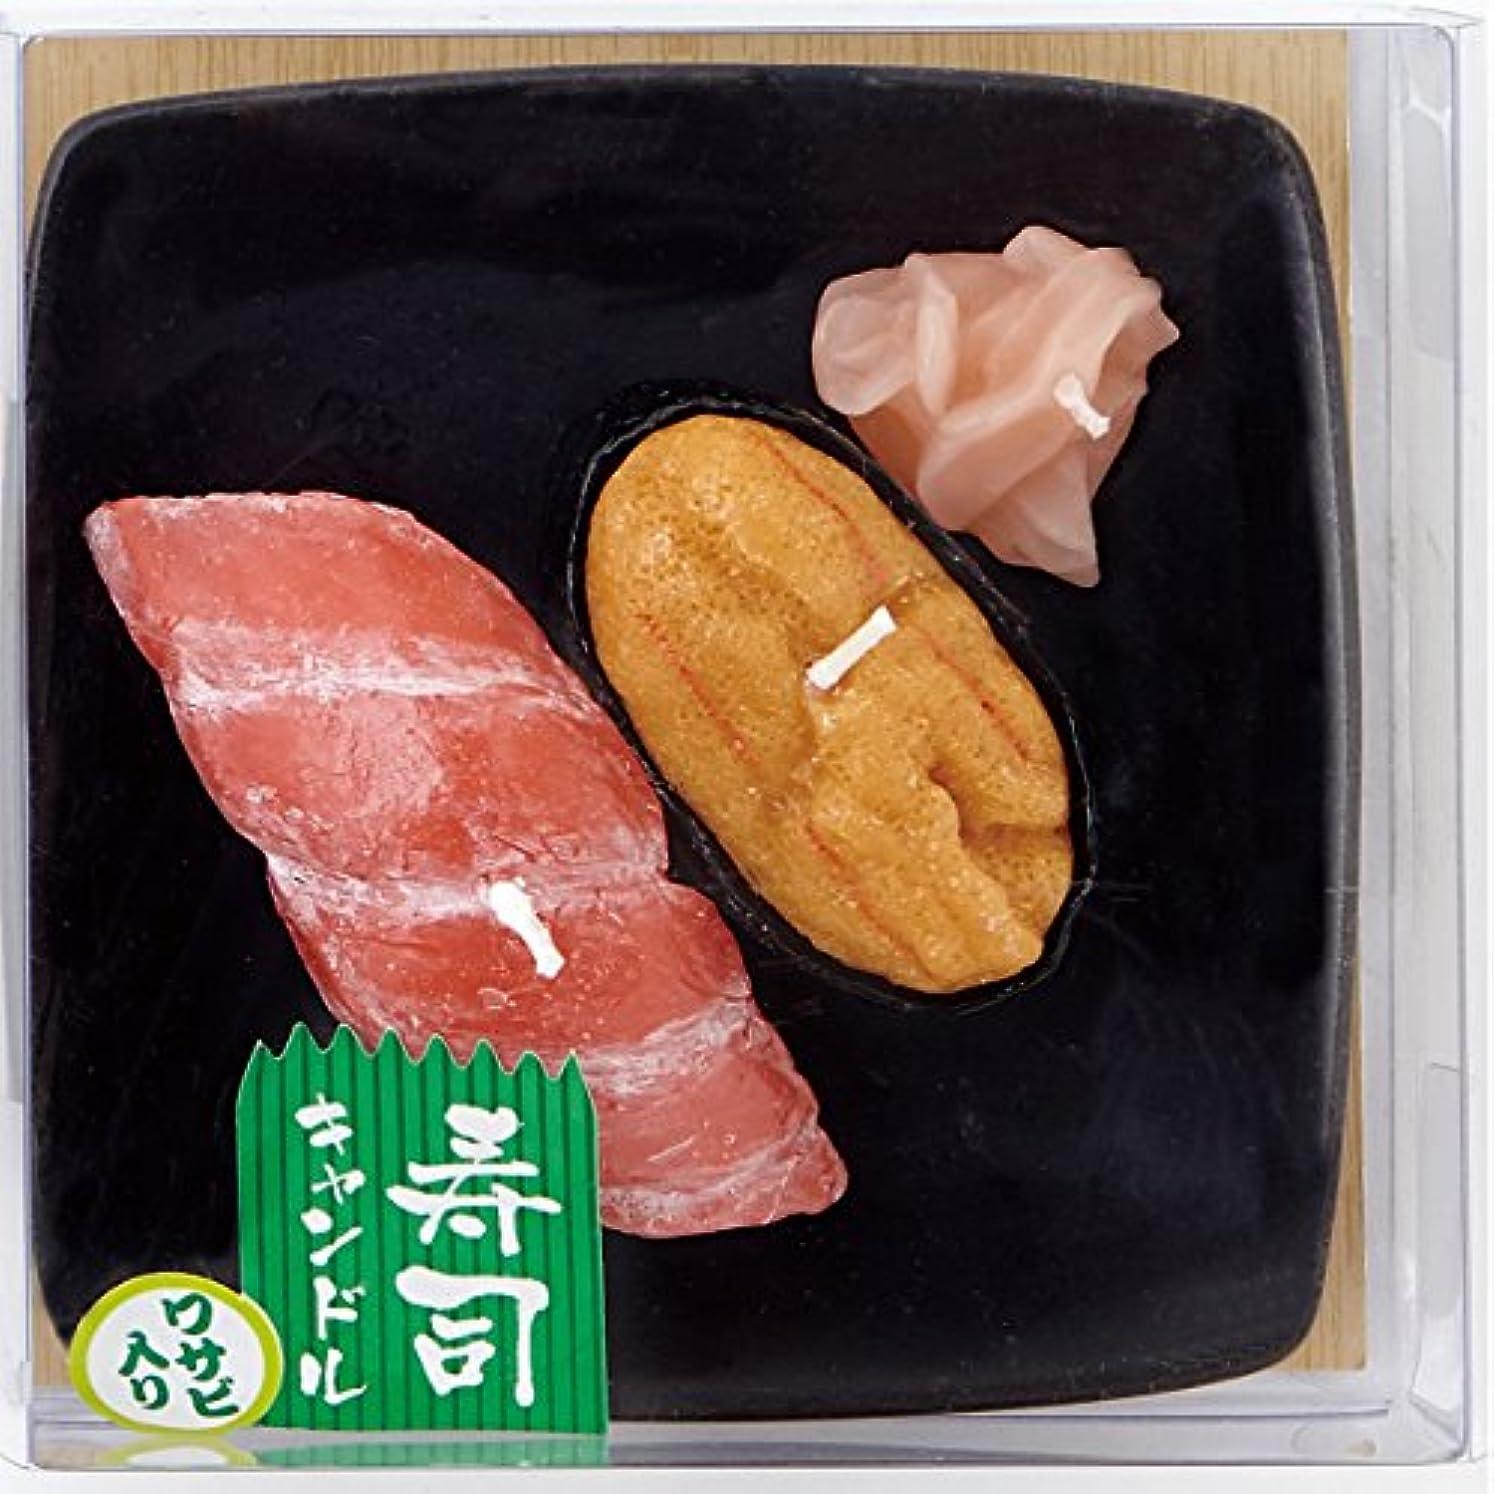 アーク忠誠欠乏寿司キャンドル C(ウニ?大トロ) サビ入